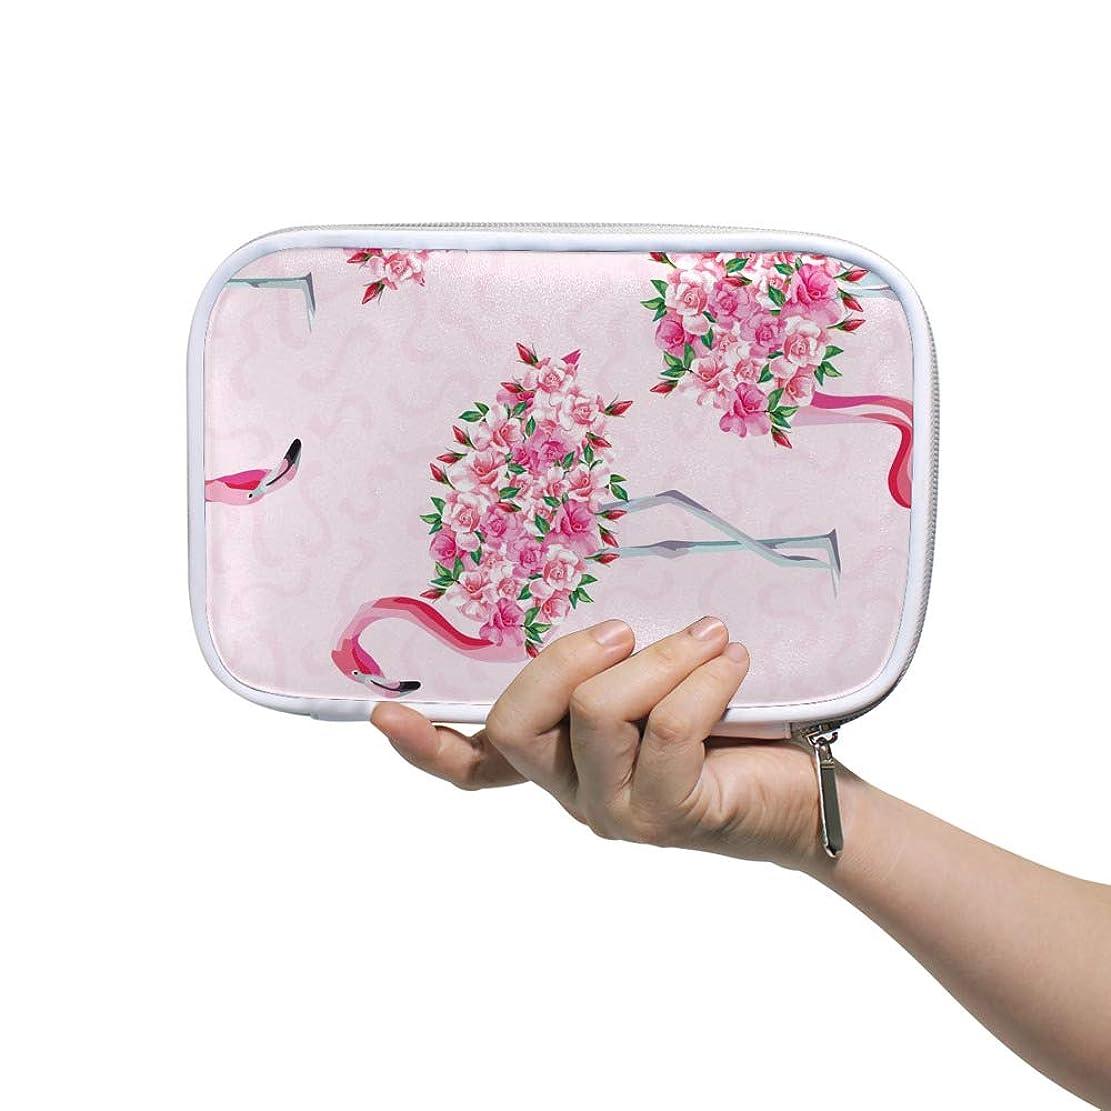 まっすぐにするリングパンフレットZHIMI 化粧ポーチ メイクポーチ レディース コンパクト 柔らかい おしゃれ 化粧品収納バッグ コスメケース 花 フラミンゴの柄 機能的 防水 軽量 小物入れ 出張 海外旅行グッズ パスポートケースとしても適用